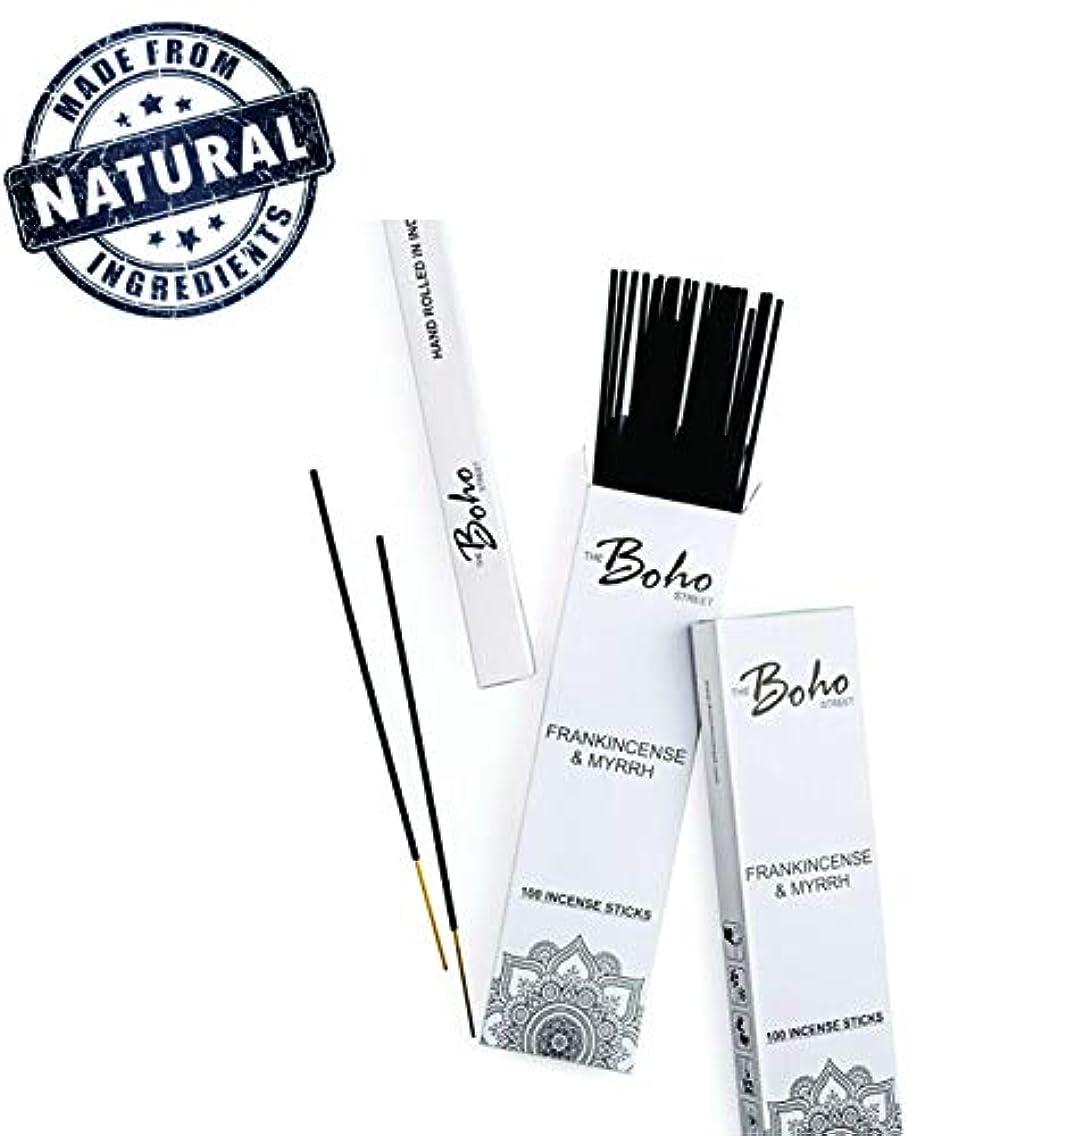 クリスマス見つけたコンベンション(100) - The Boho Street Premium Incense Sticks - Frankincense and Myrrh 100% Hand Rolled Hand Dipped in India 100 Sticks pack (100)